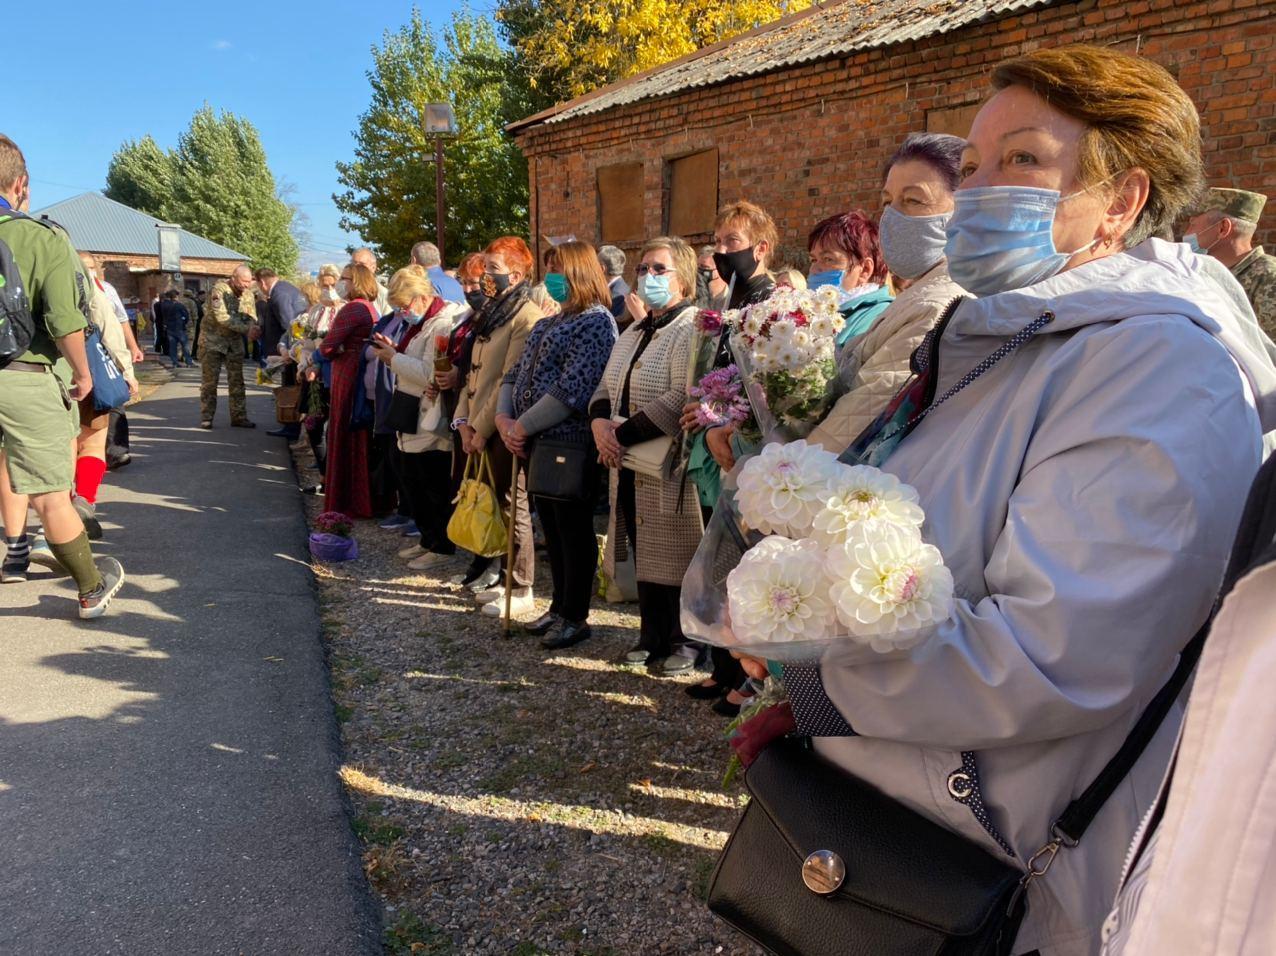 У Харкові відкрили меморіальну дошку на честь загиблих бійців на Донбасі (відео, фото)